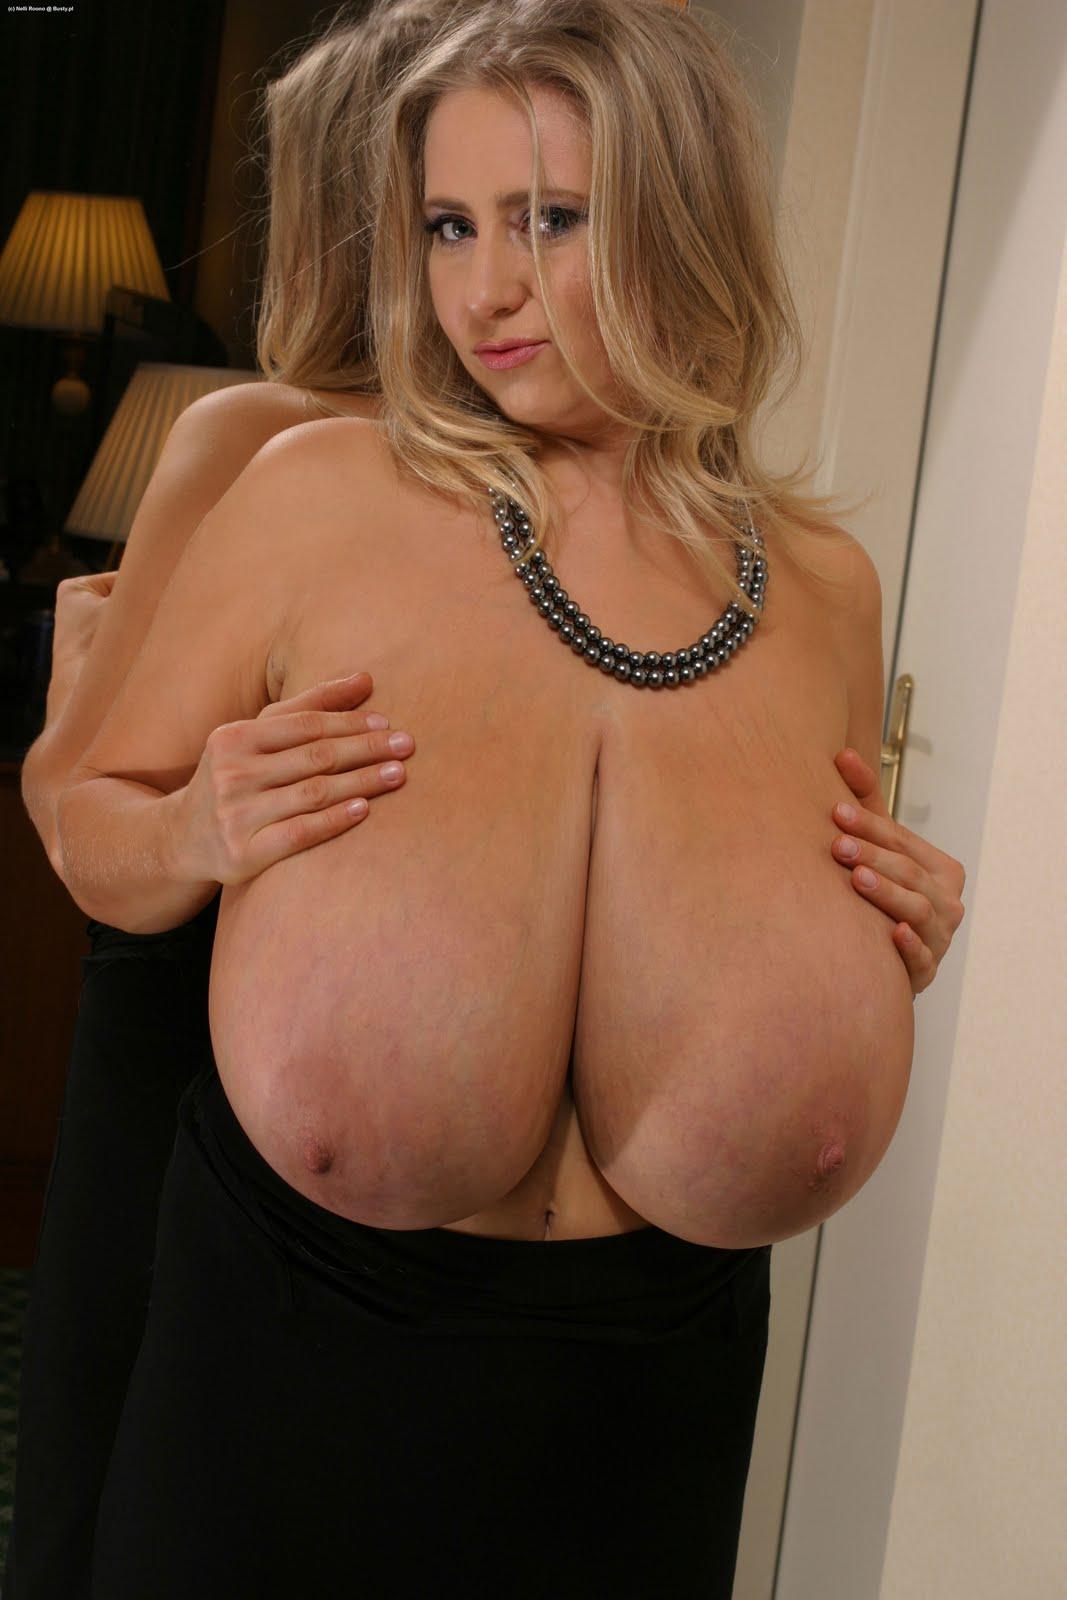 Big boobs pics online adult videos